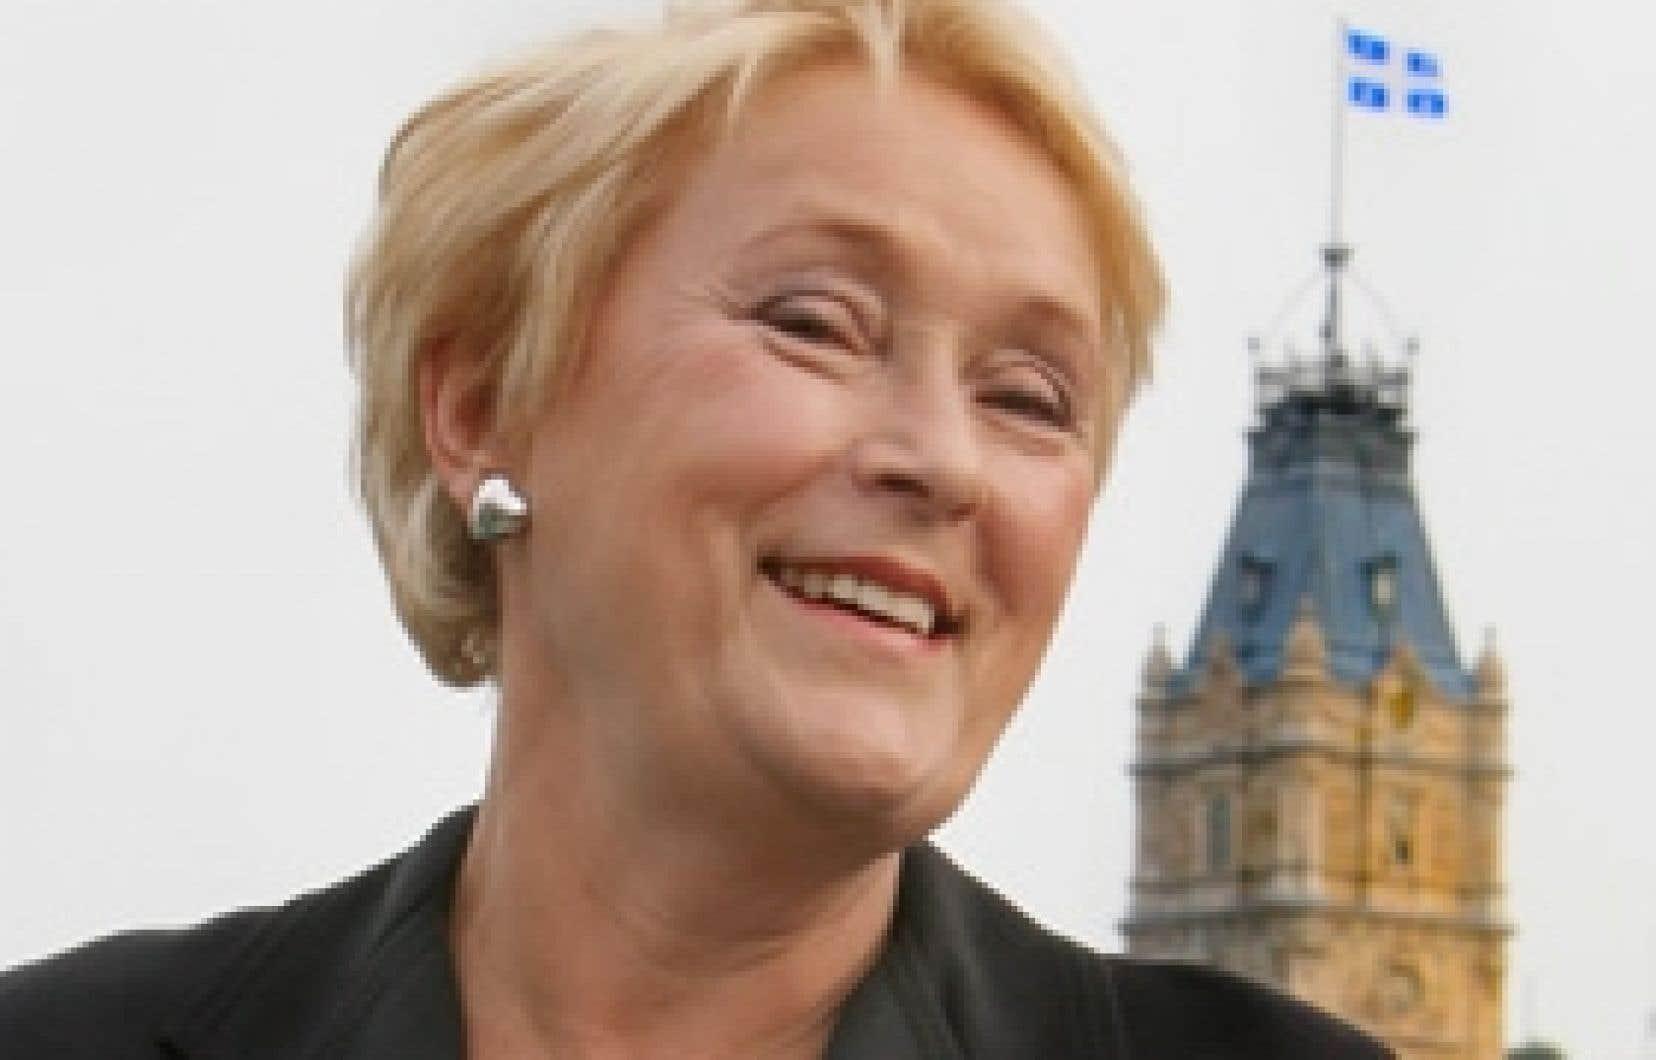 «Nos gestes doivent s'inscrire dans la nouvelle réalité sociale et économique», estime Pauline Marois.